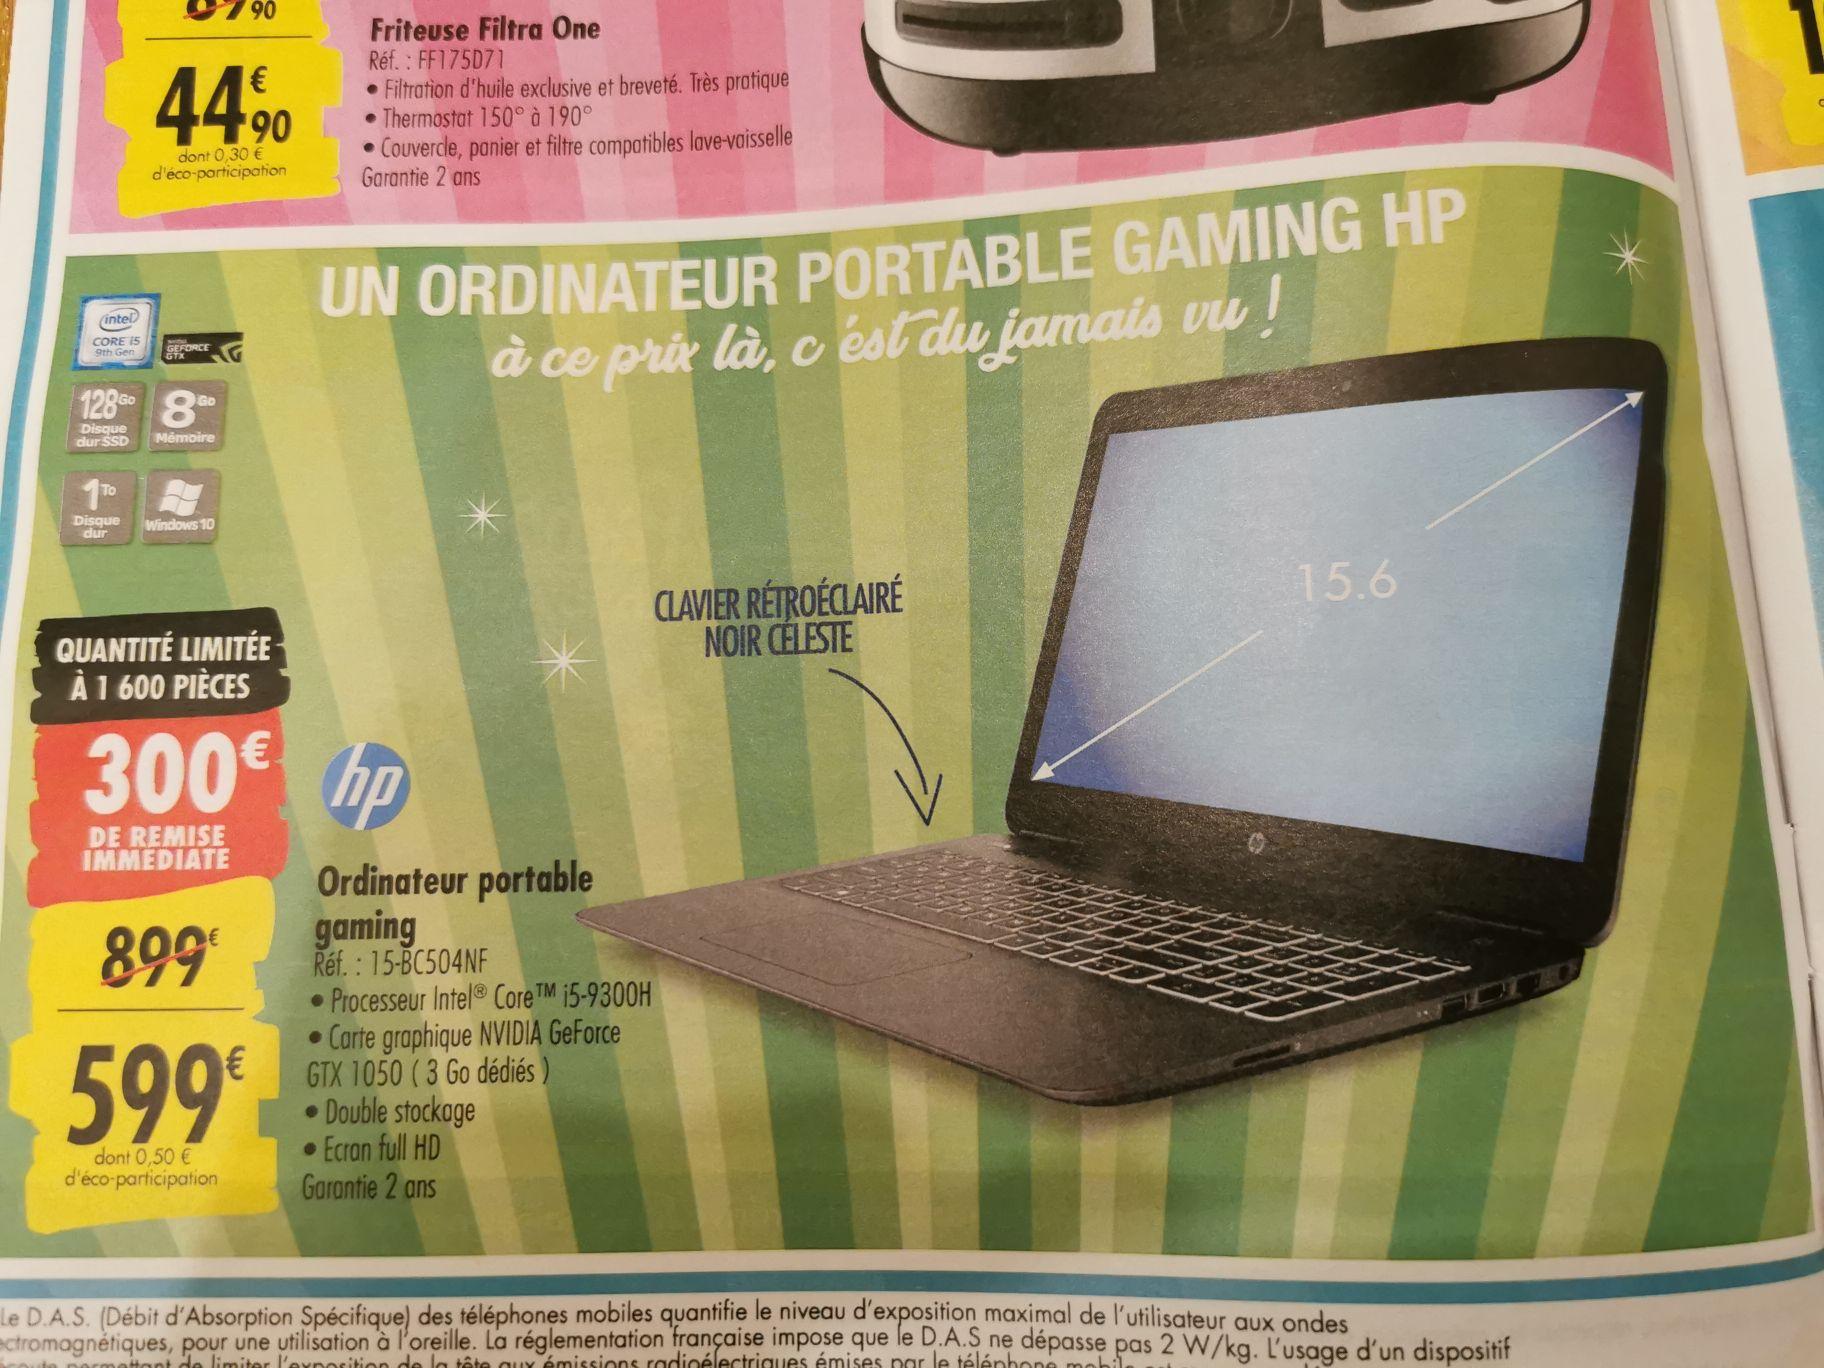 """PC portable 15.6"""" full HD HP 15-bc504nf - i5-9300H, GTX-1050 (3 Go), 8 Go de RAM, 1 To + 128 Go en SSD, Windows 10 - Venette (60)"""